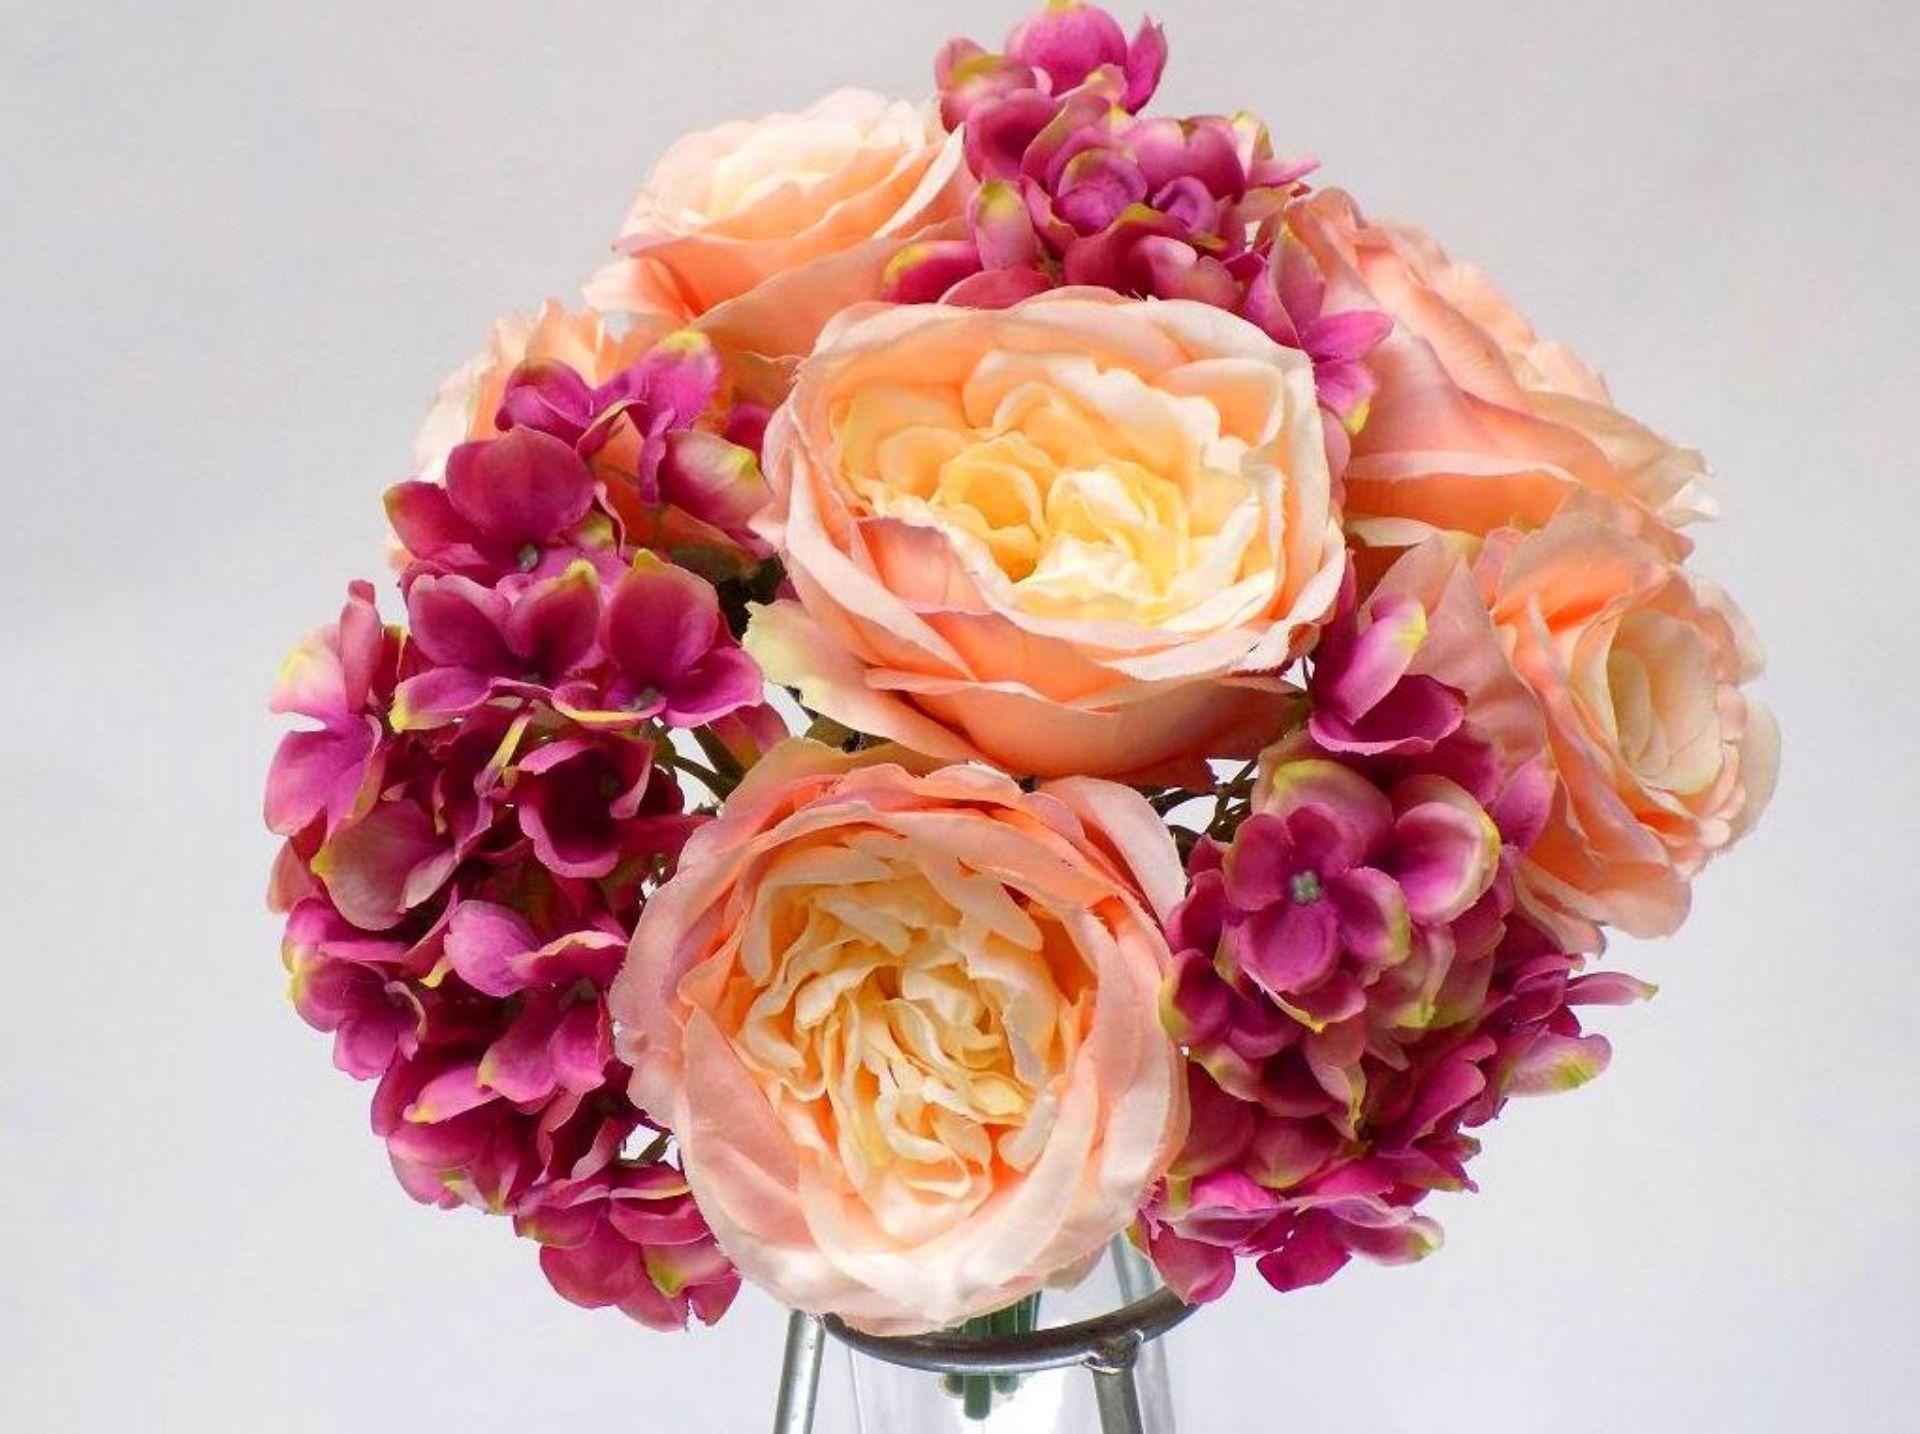 Foto 6 de Flores artificiales en Vilassar de Mar | Fernando Gallego, S.C.P.